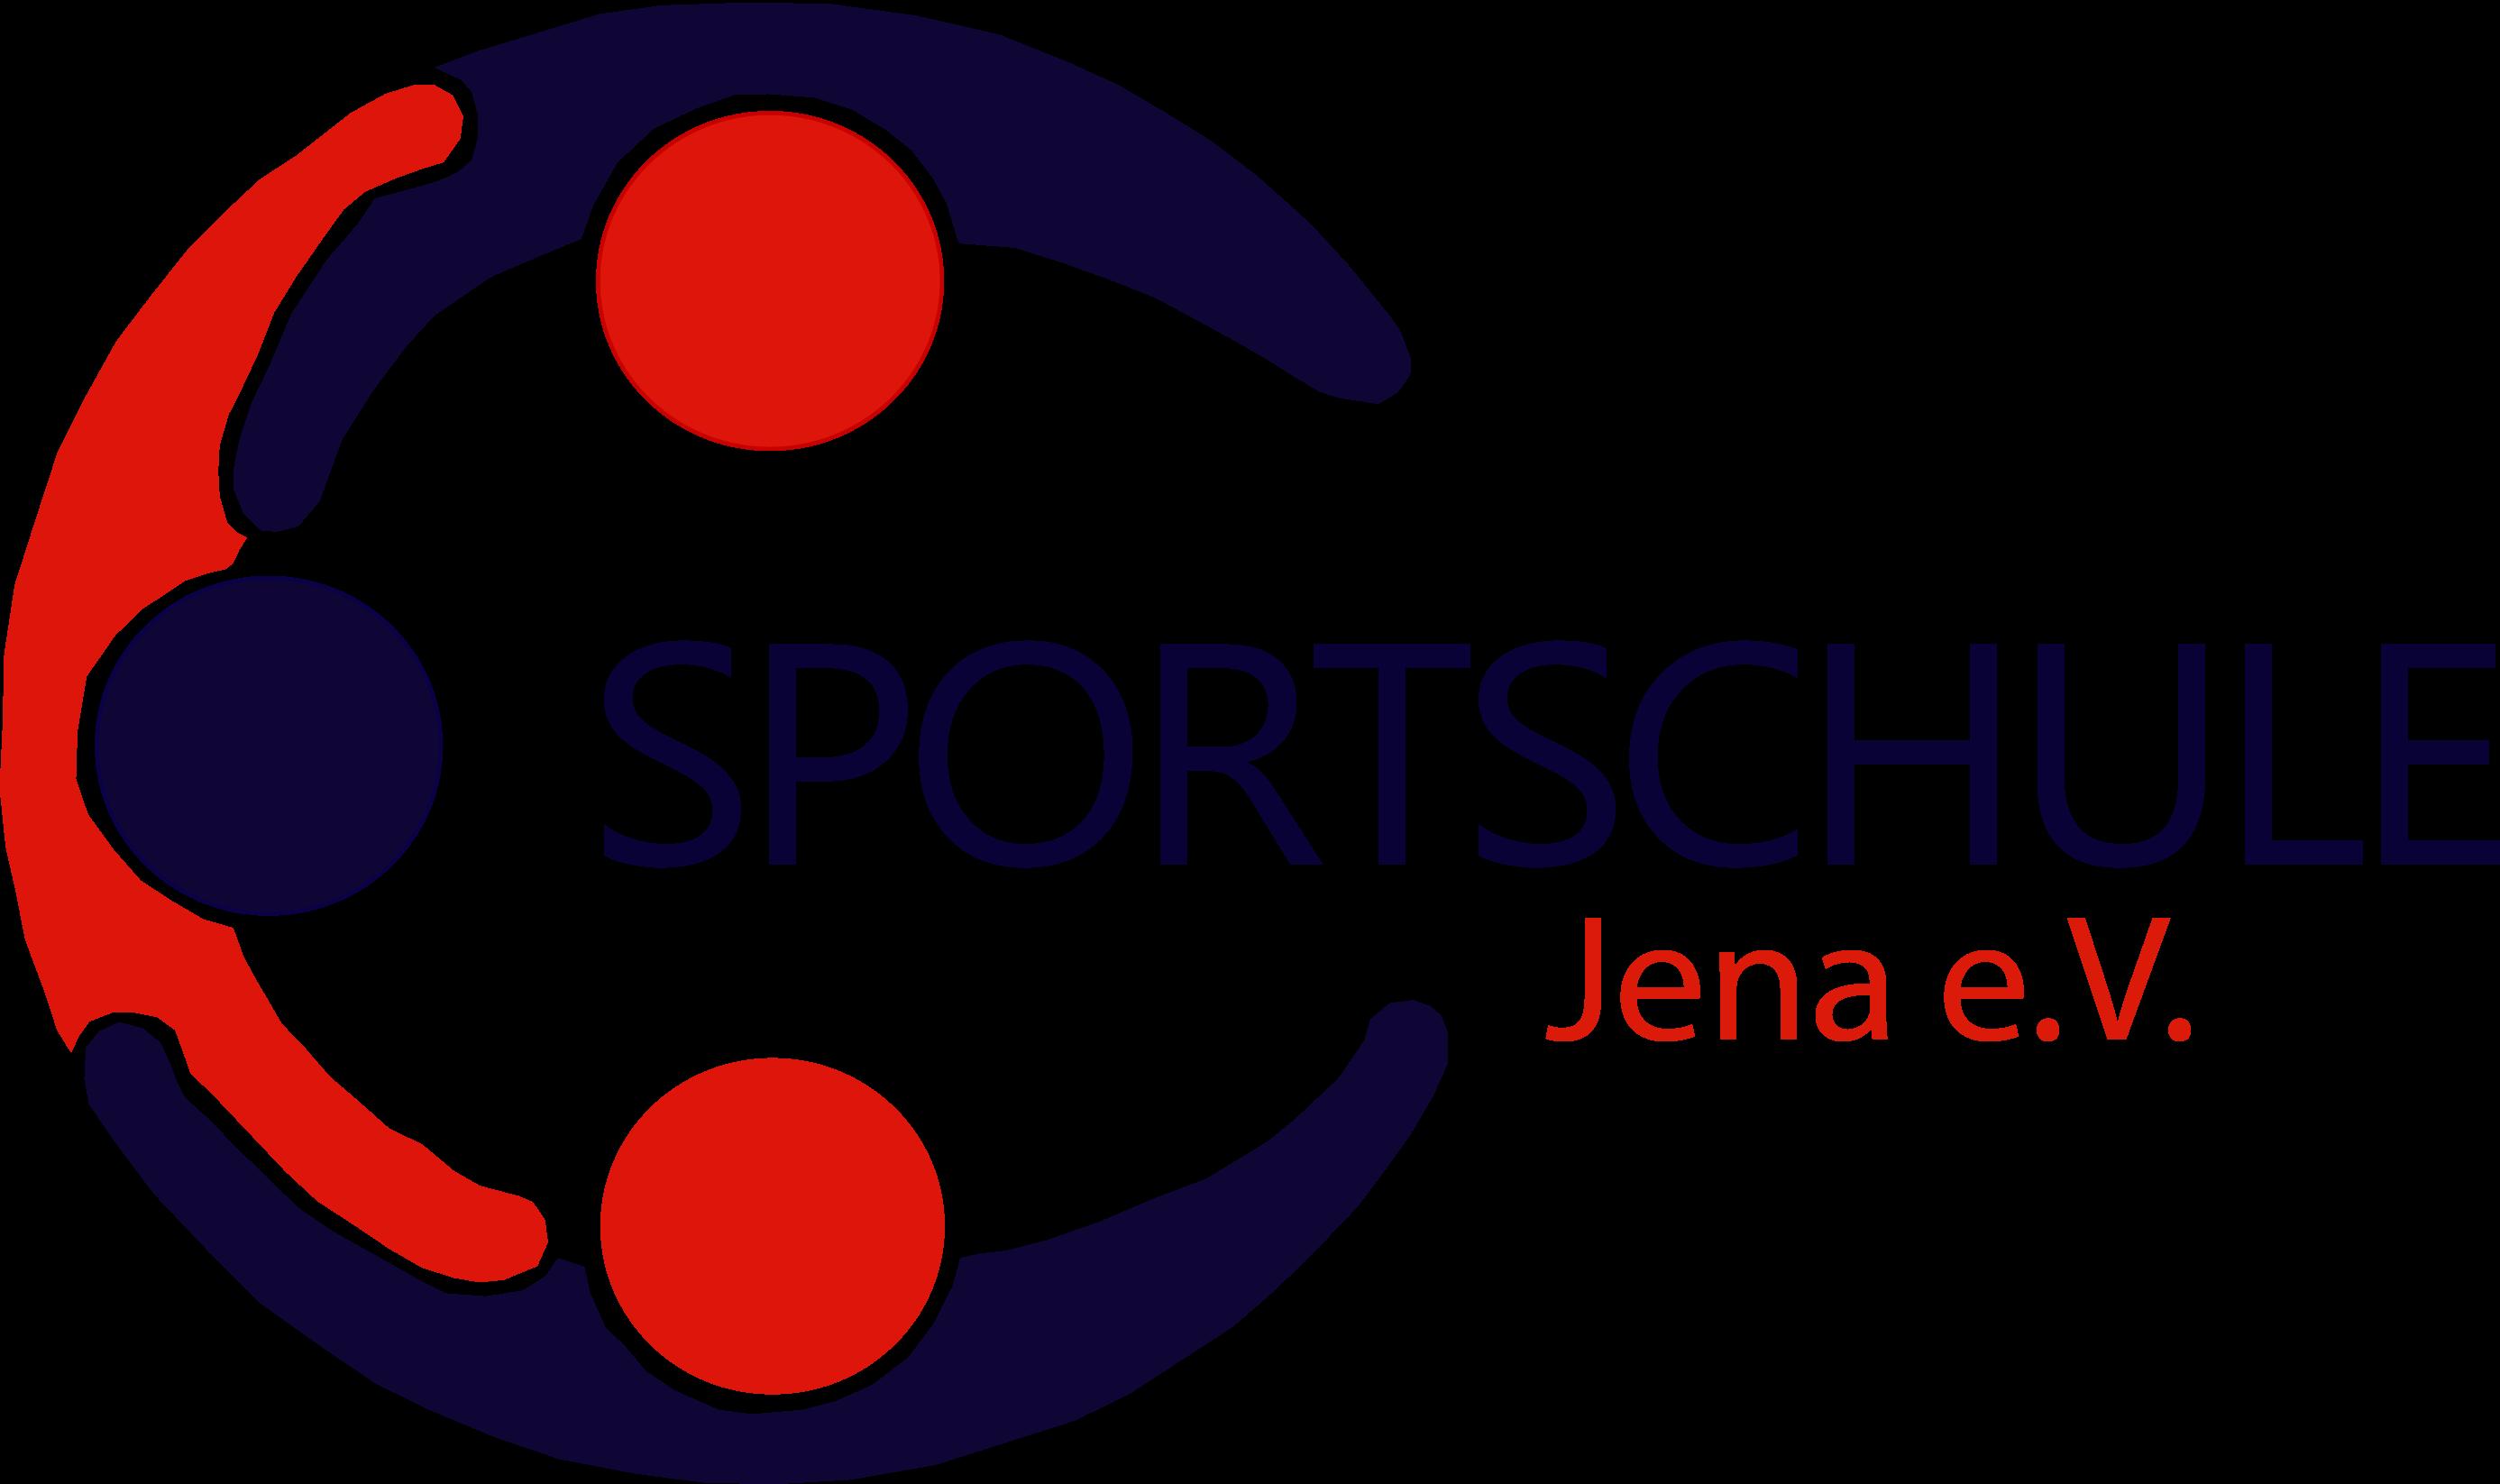 Förderverein Sportschule Jena e.V.